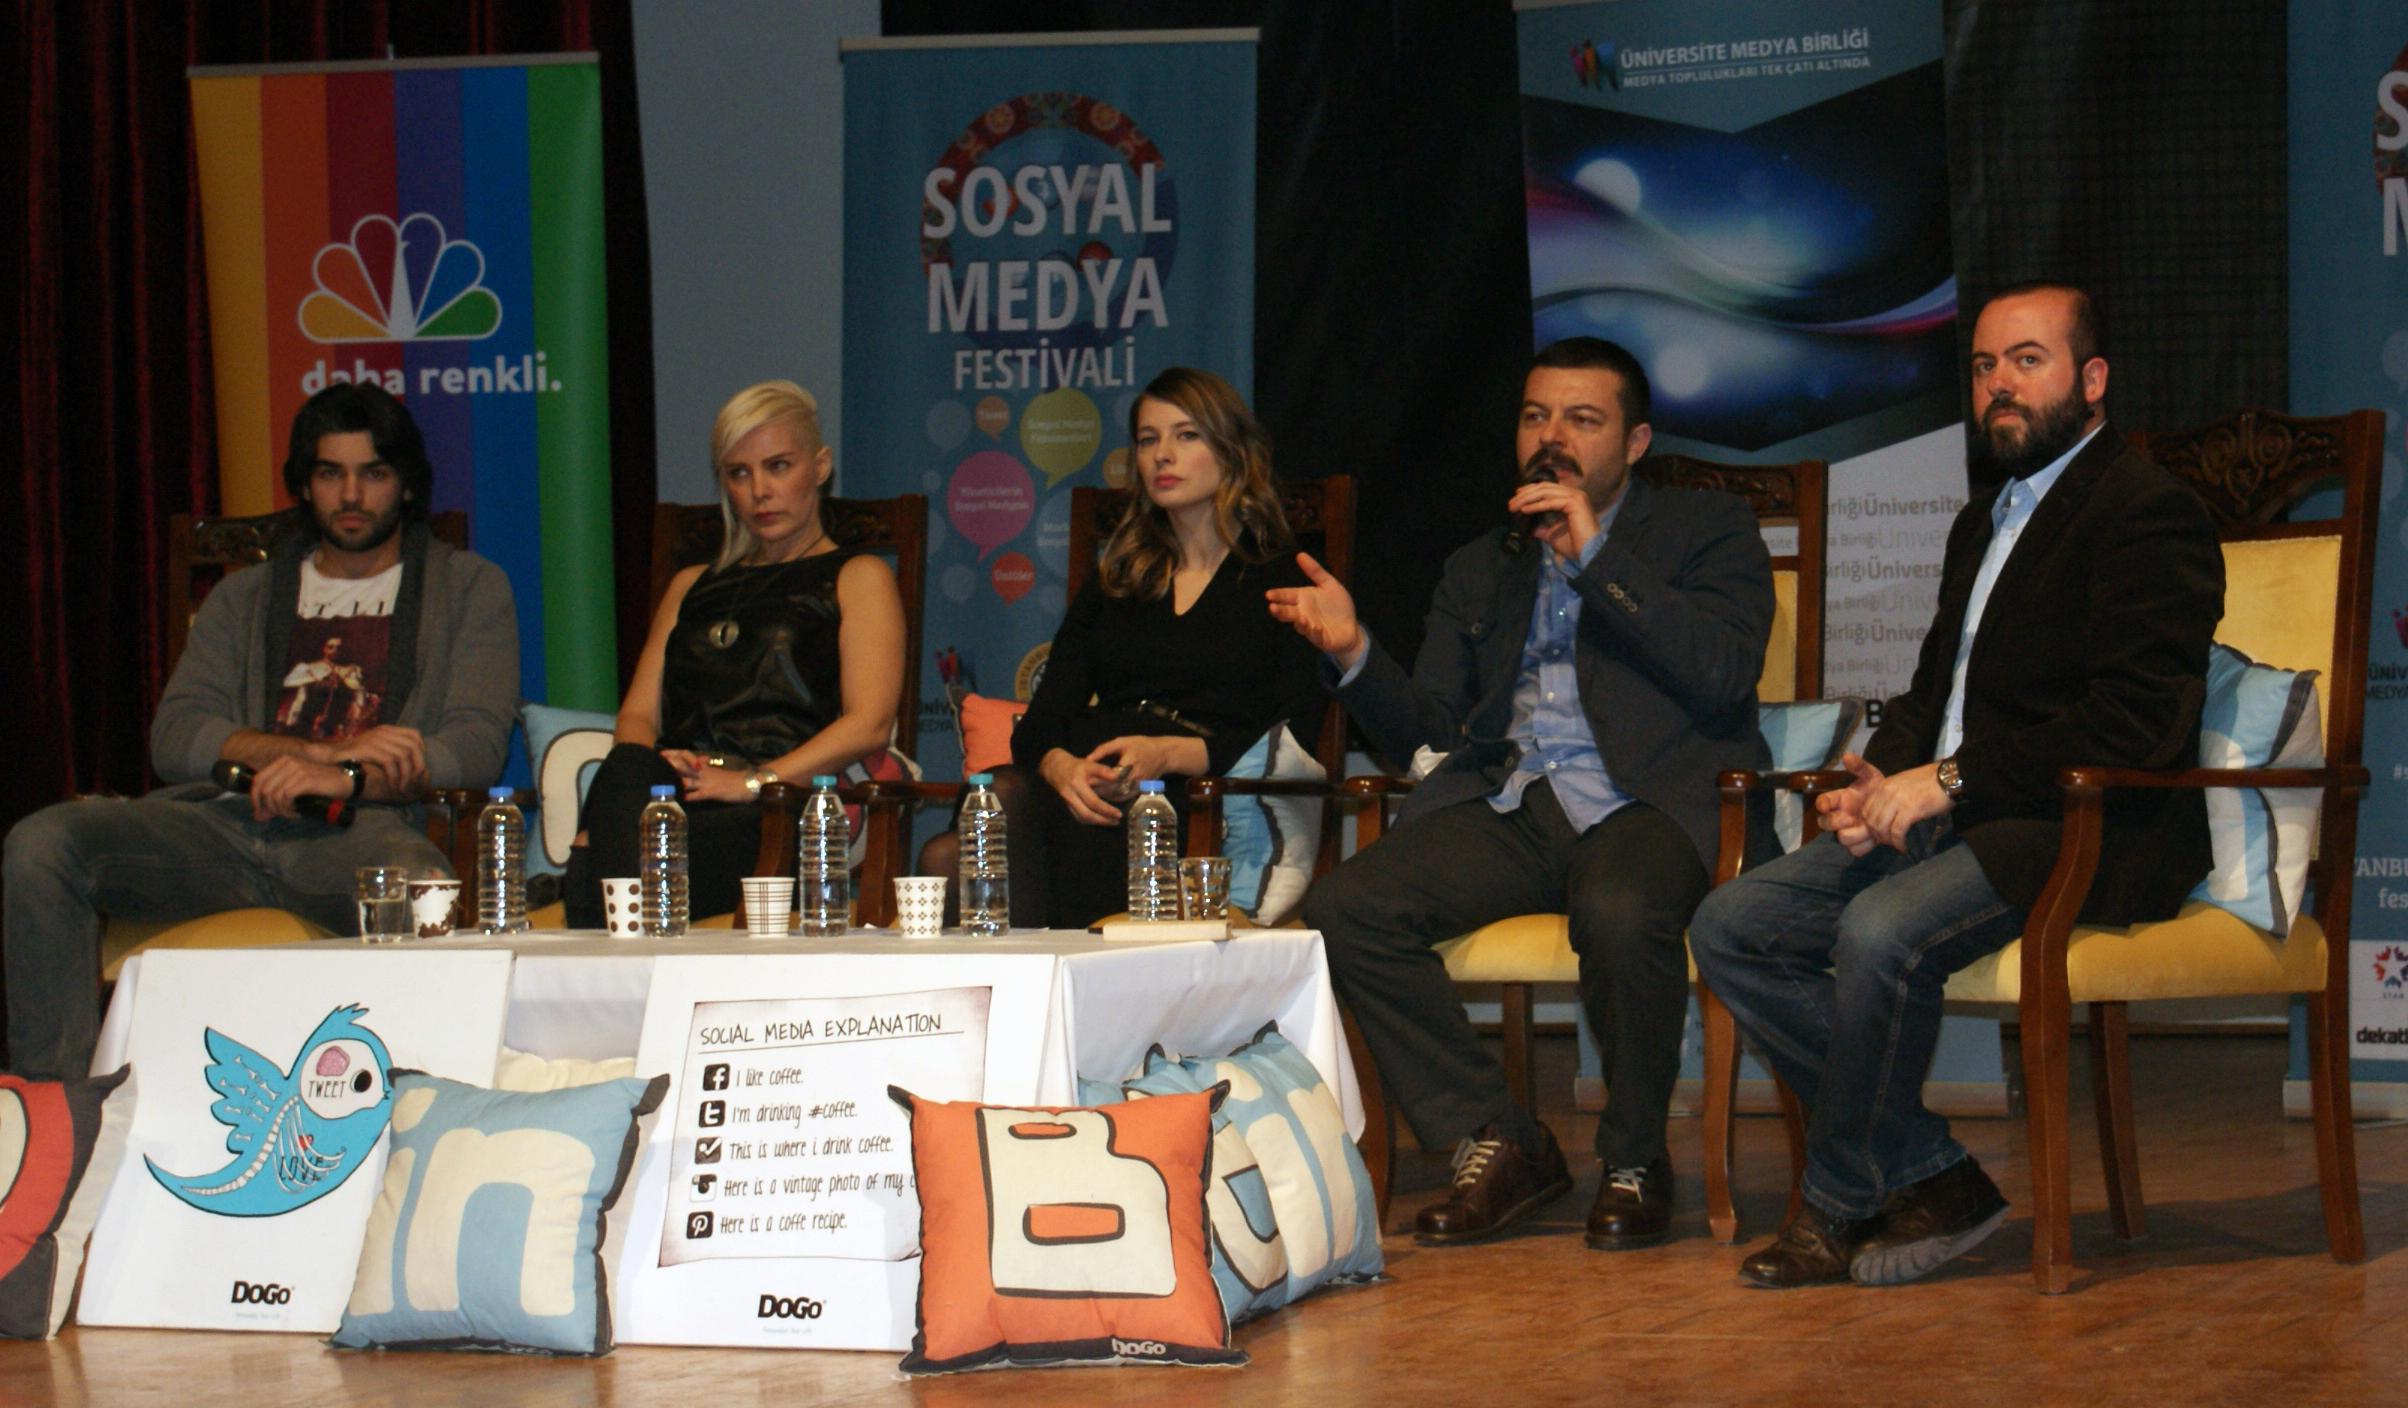 Sosyal Medya Festivali